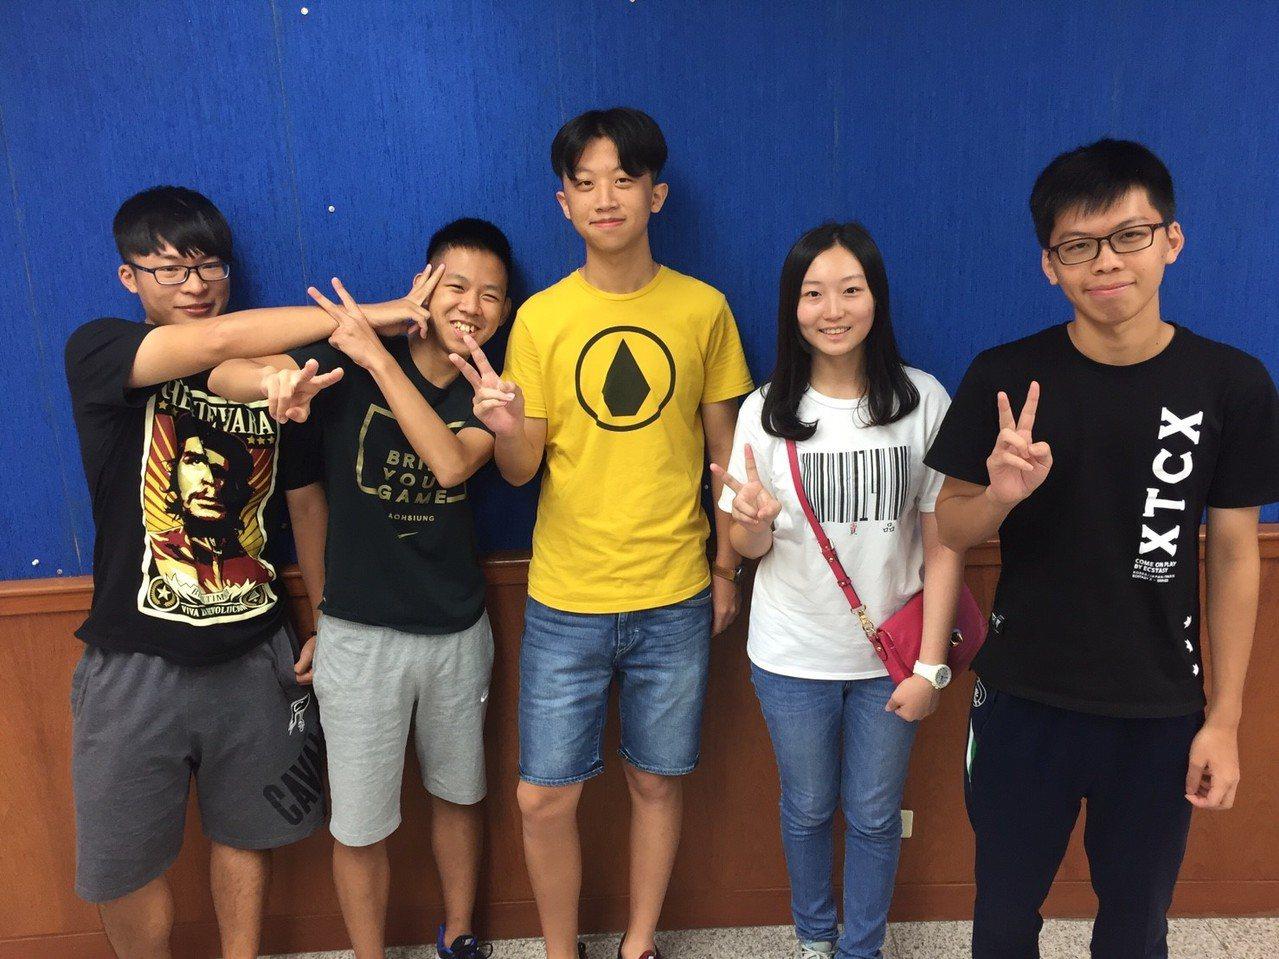 竹北高中學生陳思維(左二)三年校排名「吊車尾」,如今卻是學校榜首,考上政大法律系...